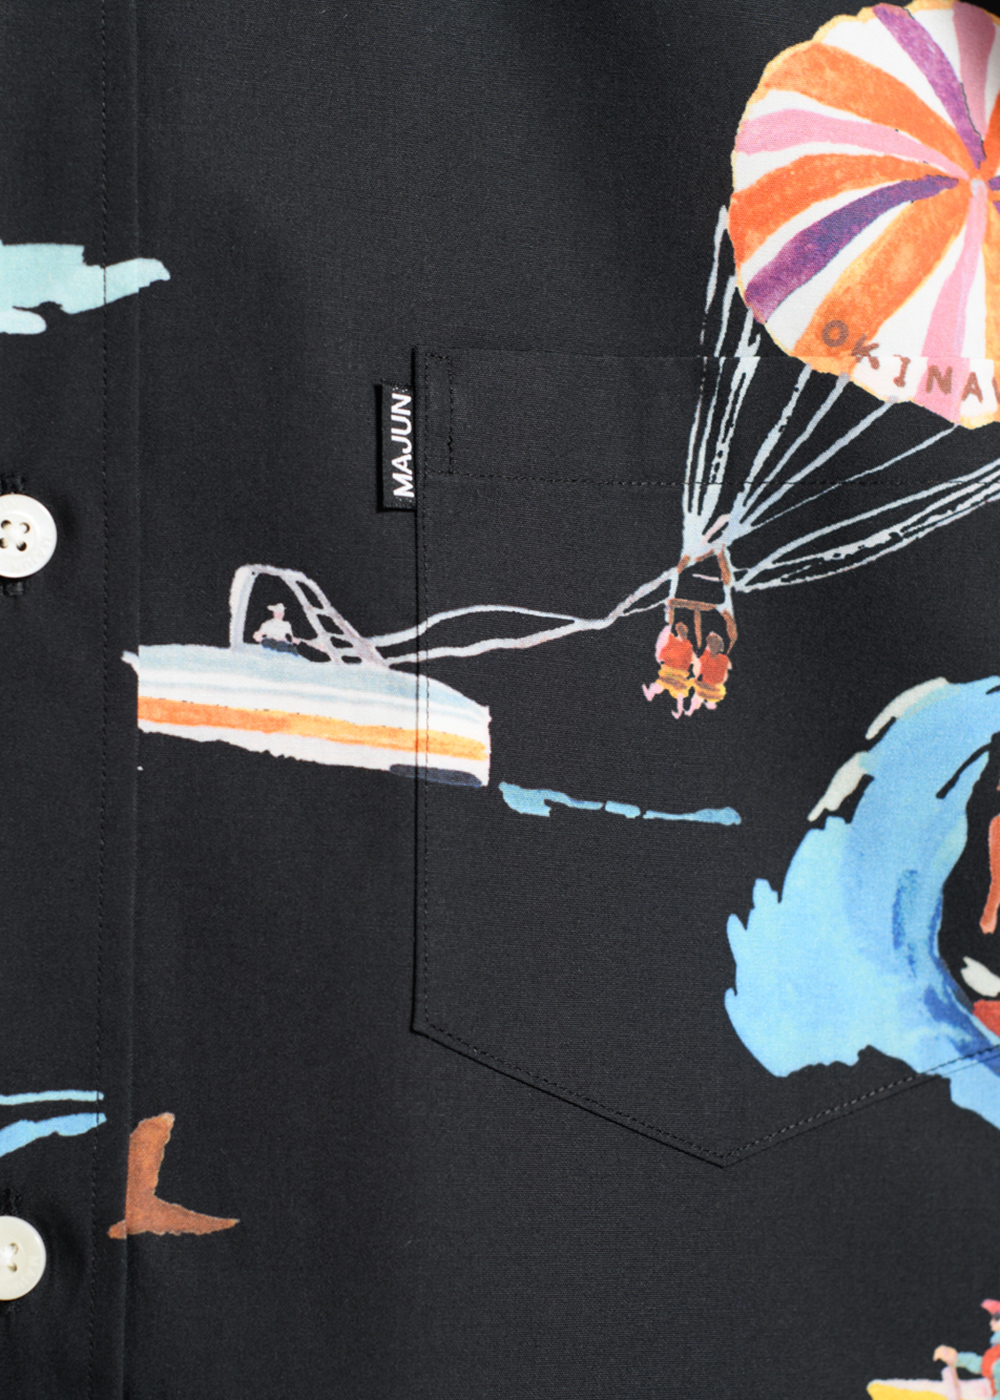 かりゆしウェア(沖縄版アロハシャツ) MAJUN - プレイフルオーシャン